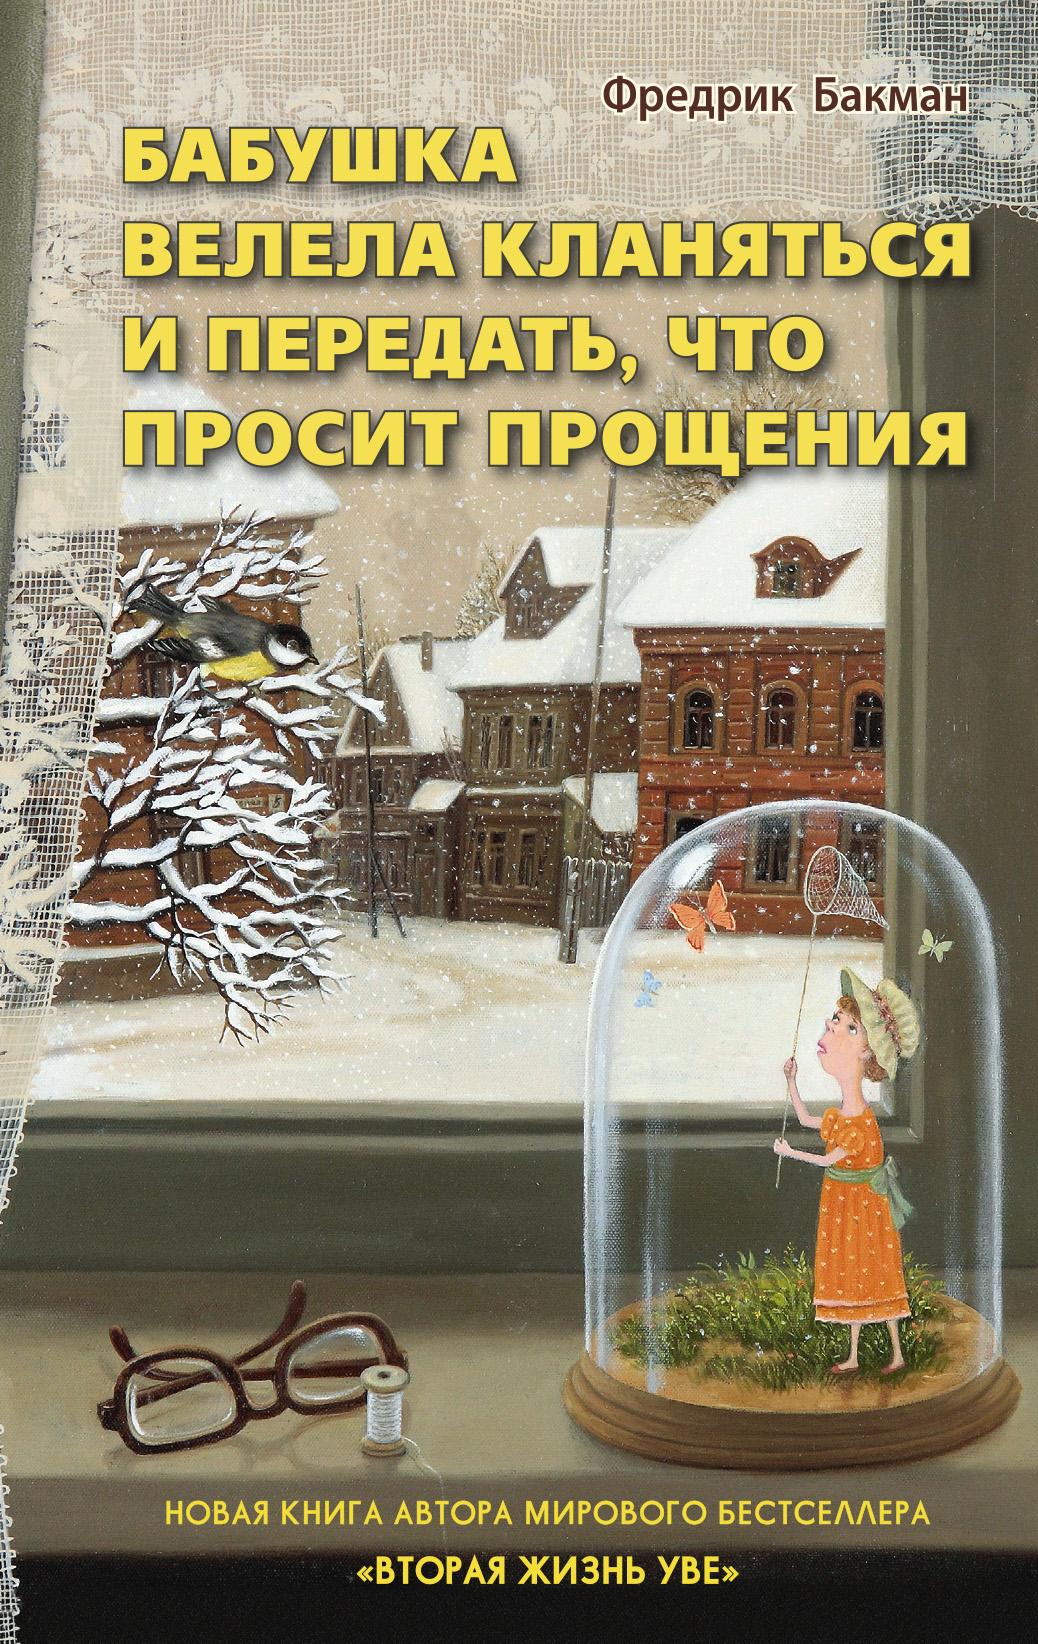 Fredrik_Bakman__Babushka_velela_klanyatsya_i_peredat_chto_prosit_proscheniya.jpeg